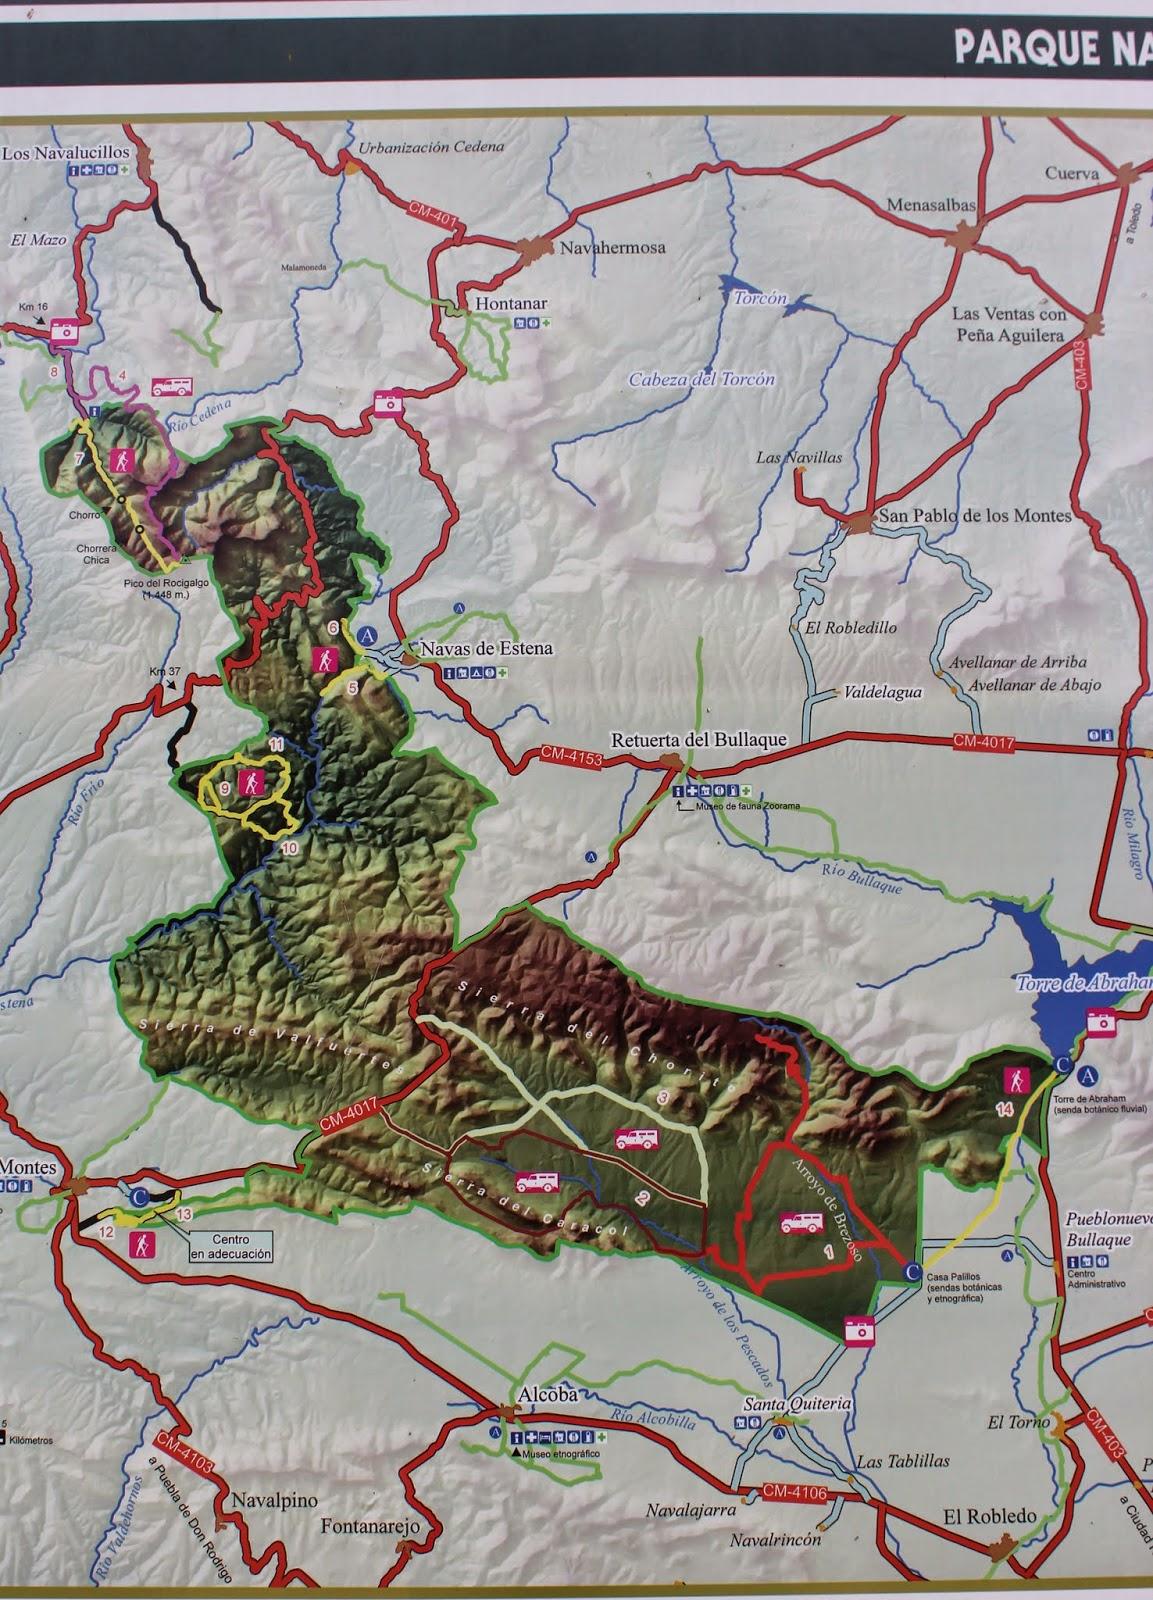 Mapa del Parque Nacional de Cabañeros